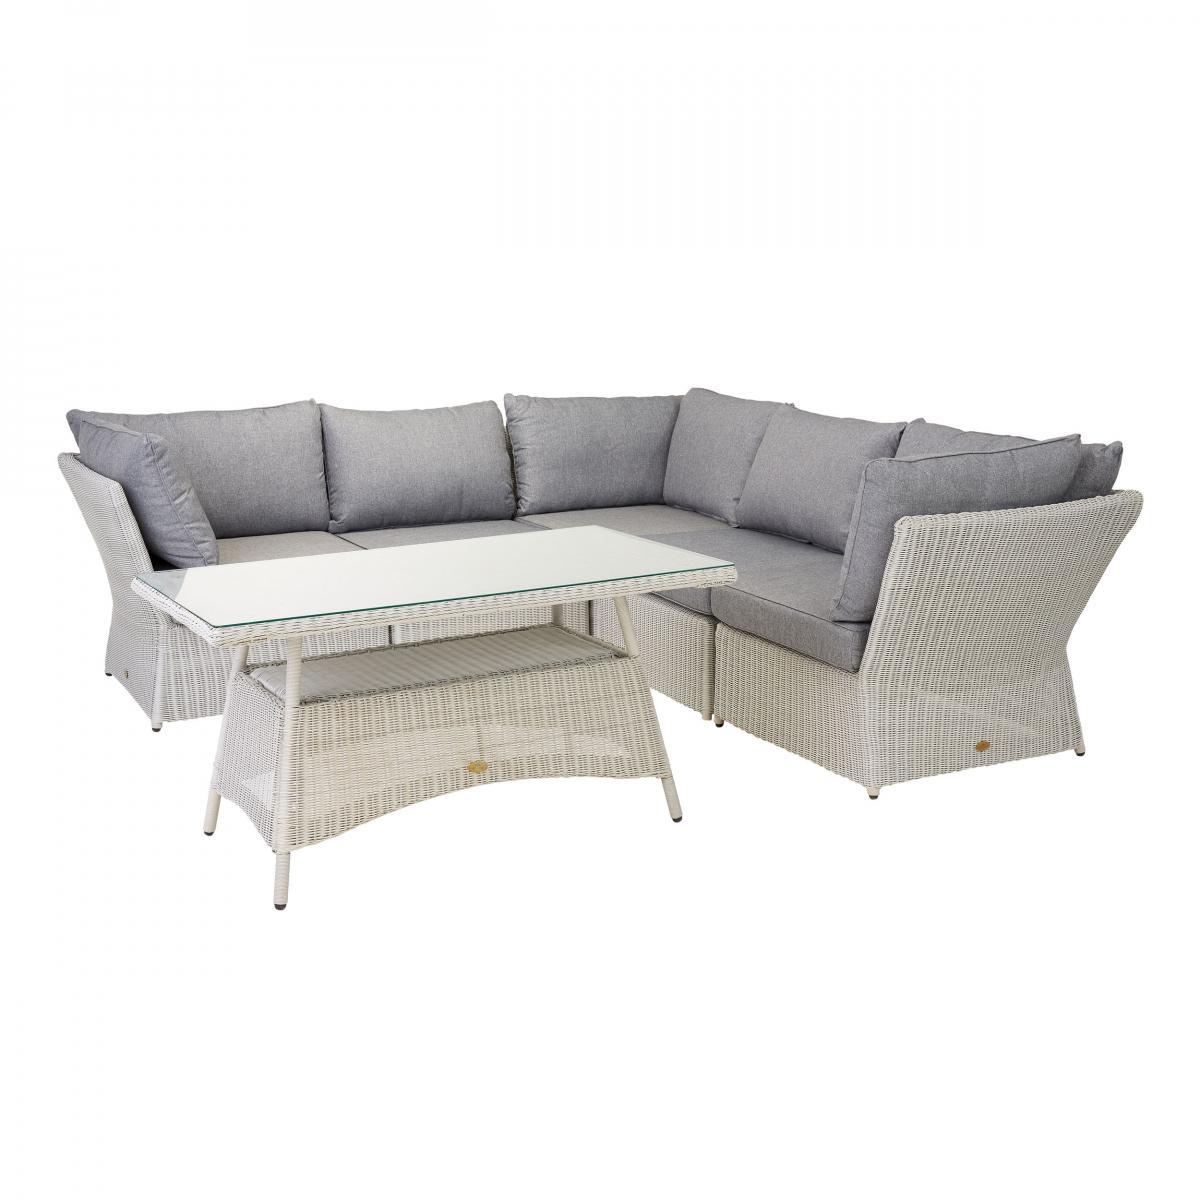 Full Size of Polyrattan Sofa Couch Ausziehbar Gartensofa Grau 2 Sitzer Balkon Outdoor Set Lounge Rattan Tchibo 2 Sitzer Garden Aus 6 Personen Leeds Wei Gartenmbel Delife Sofa Polyrattan Sofa